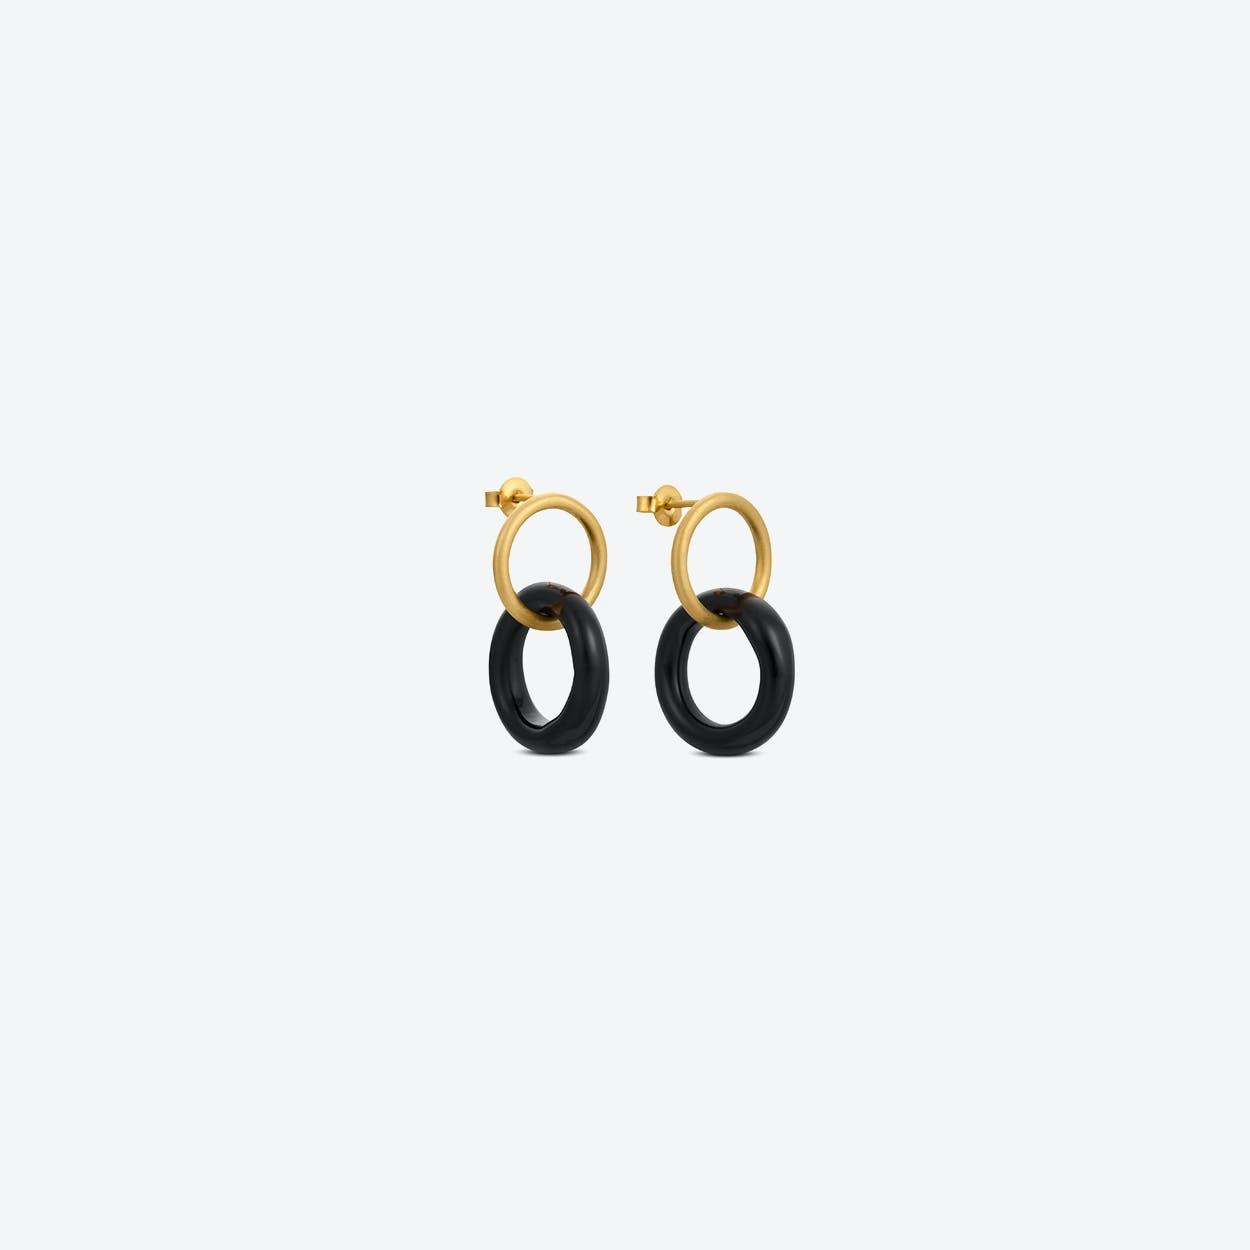 Caramel Earrings in Black